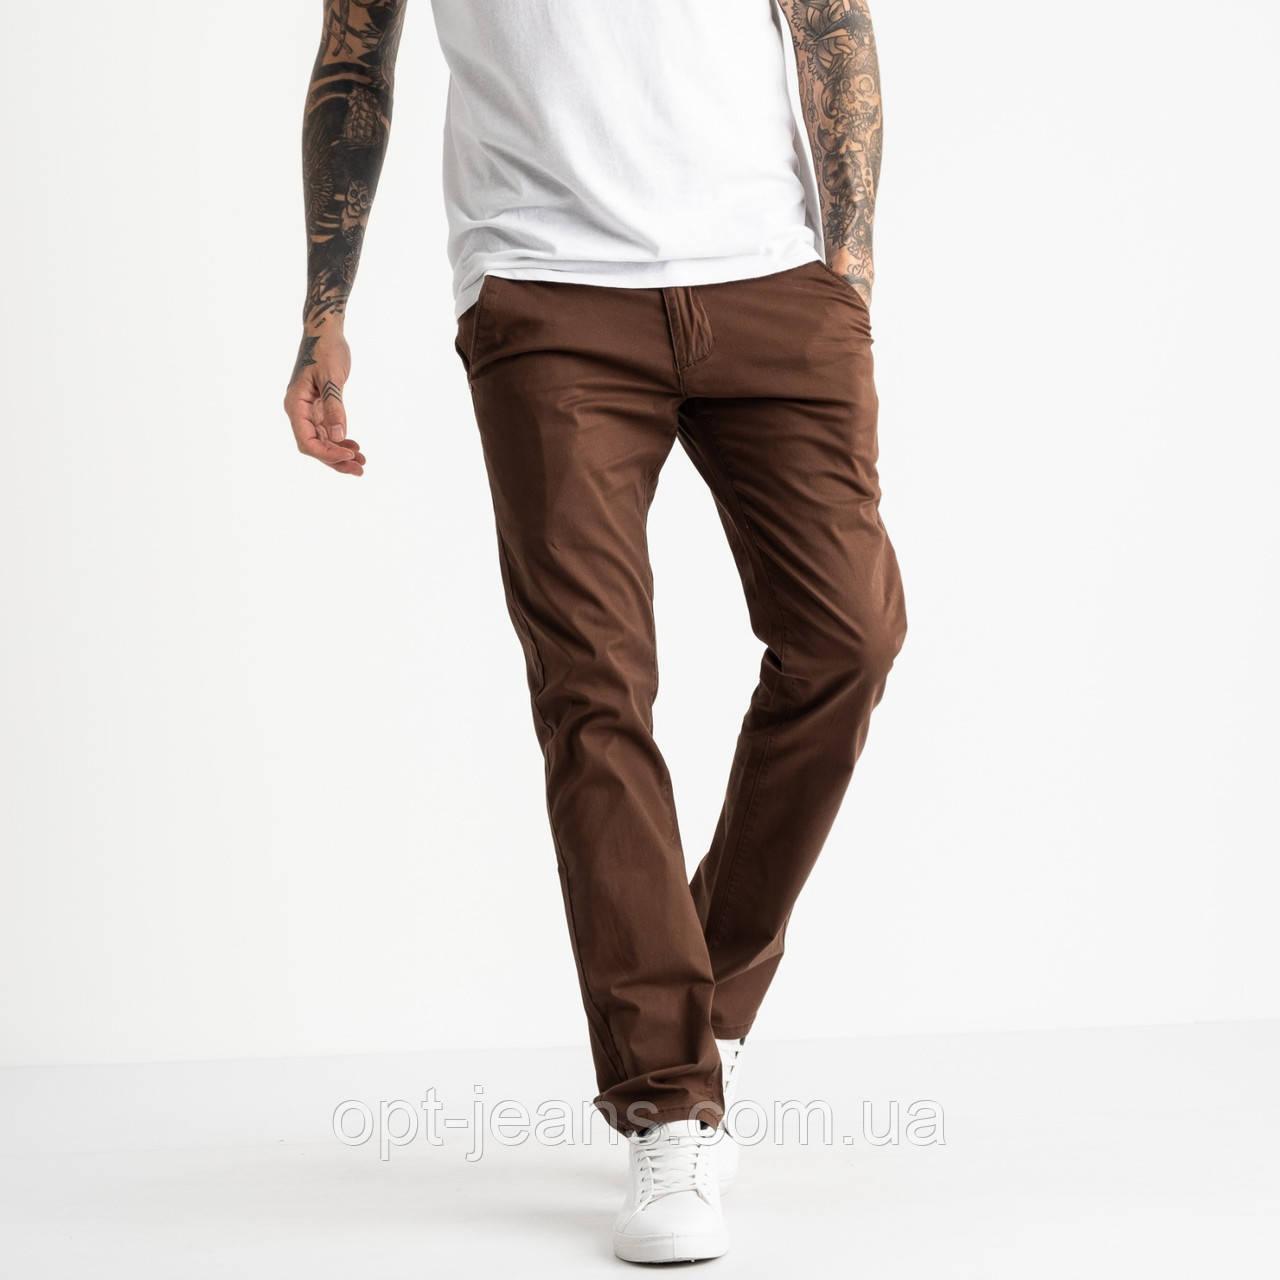 5768 LS брюки чоловічі темно-коричневі стрейчеві (7 од. розміри: 28.29.30.31.32.33.34)